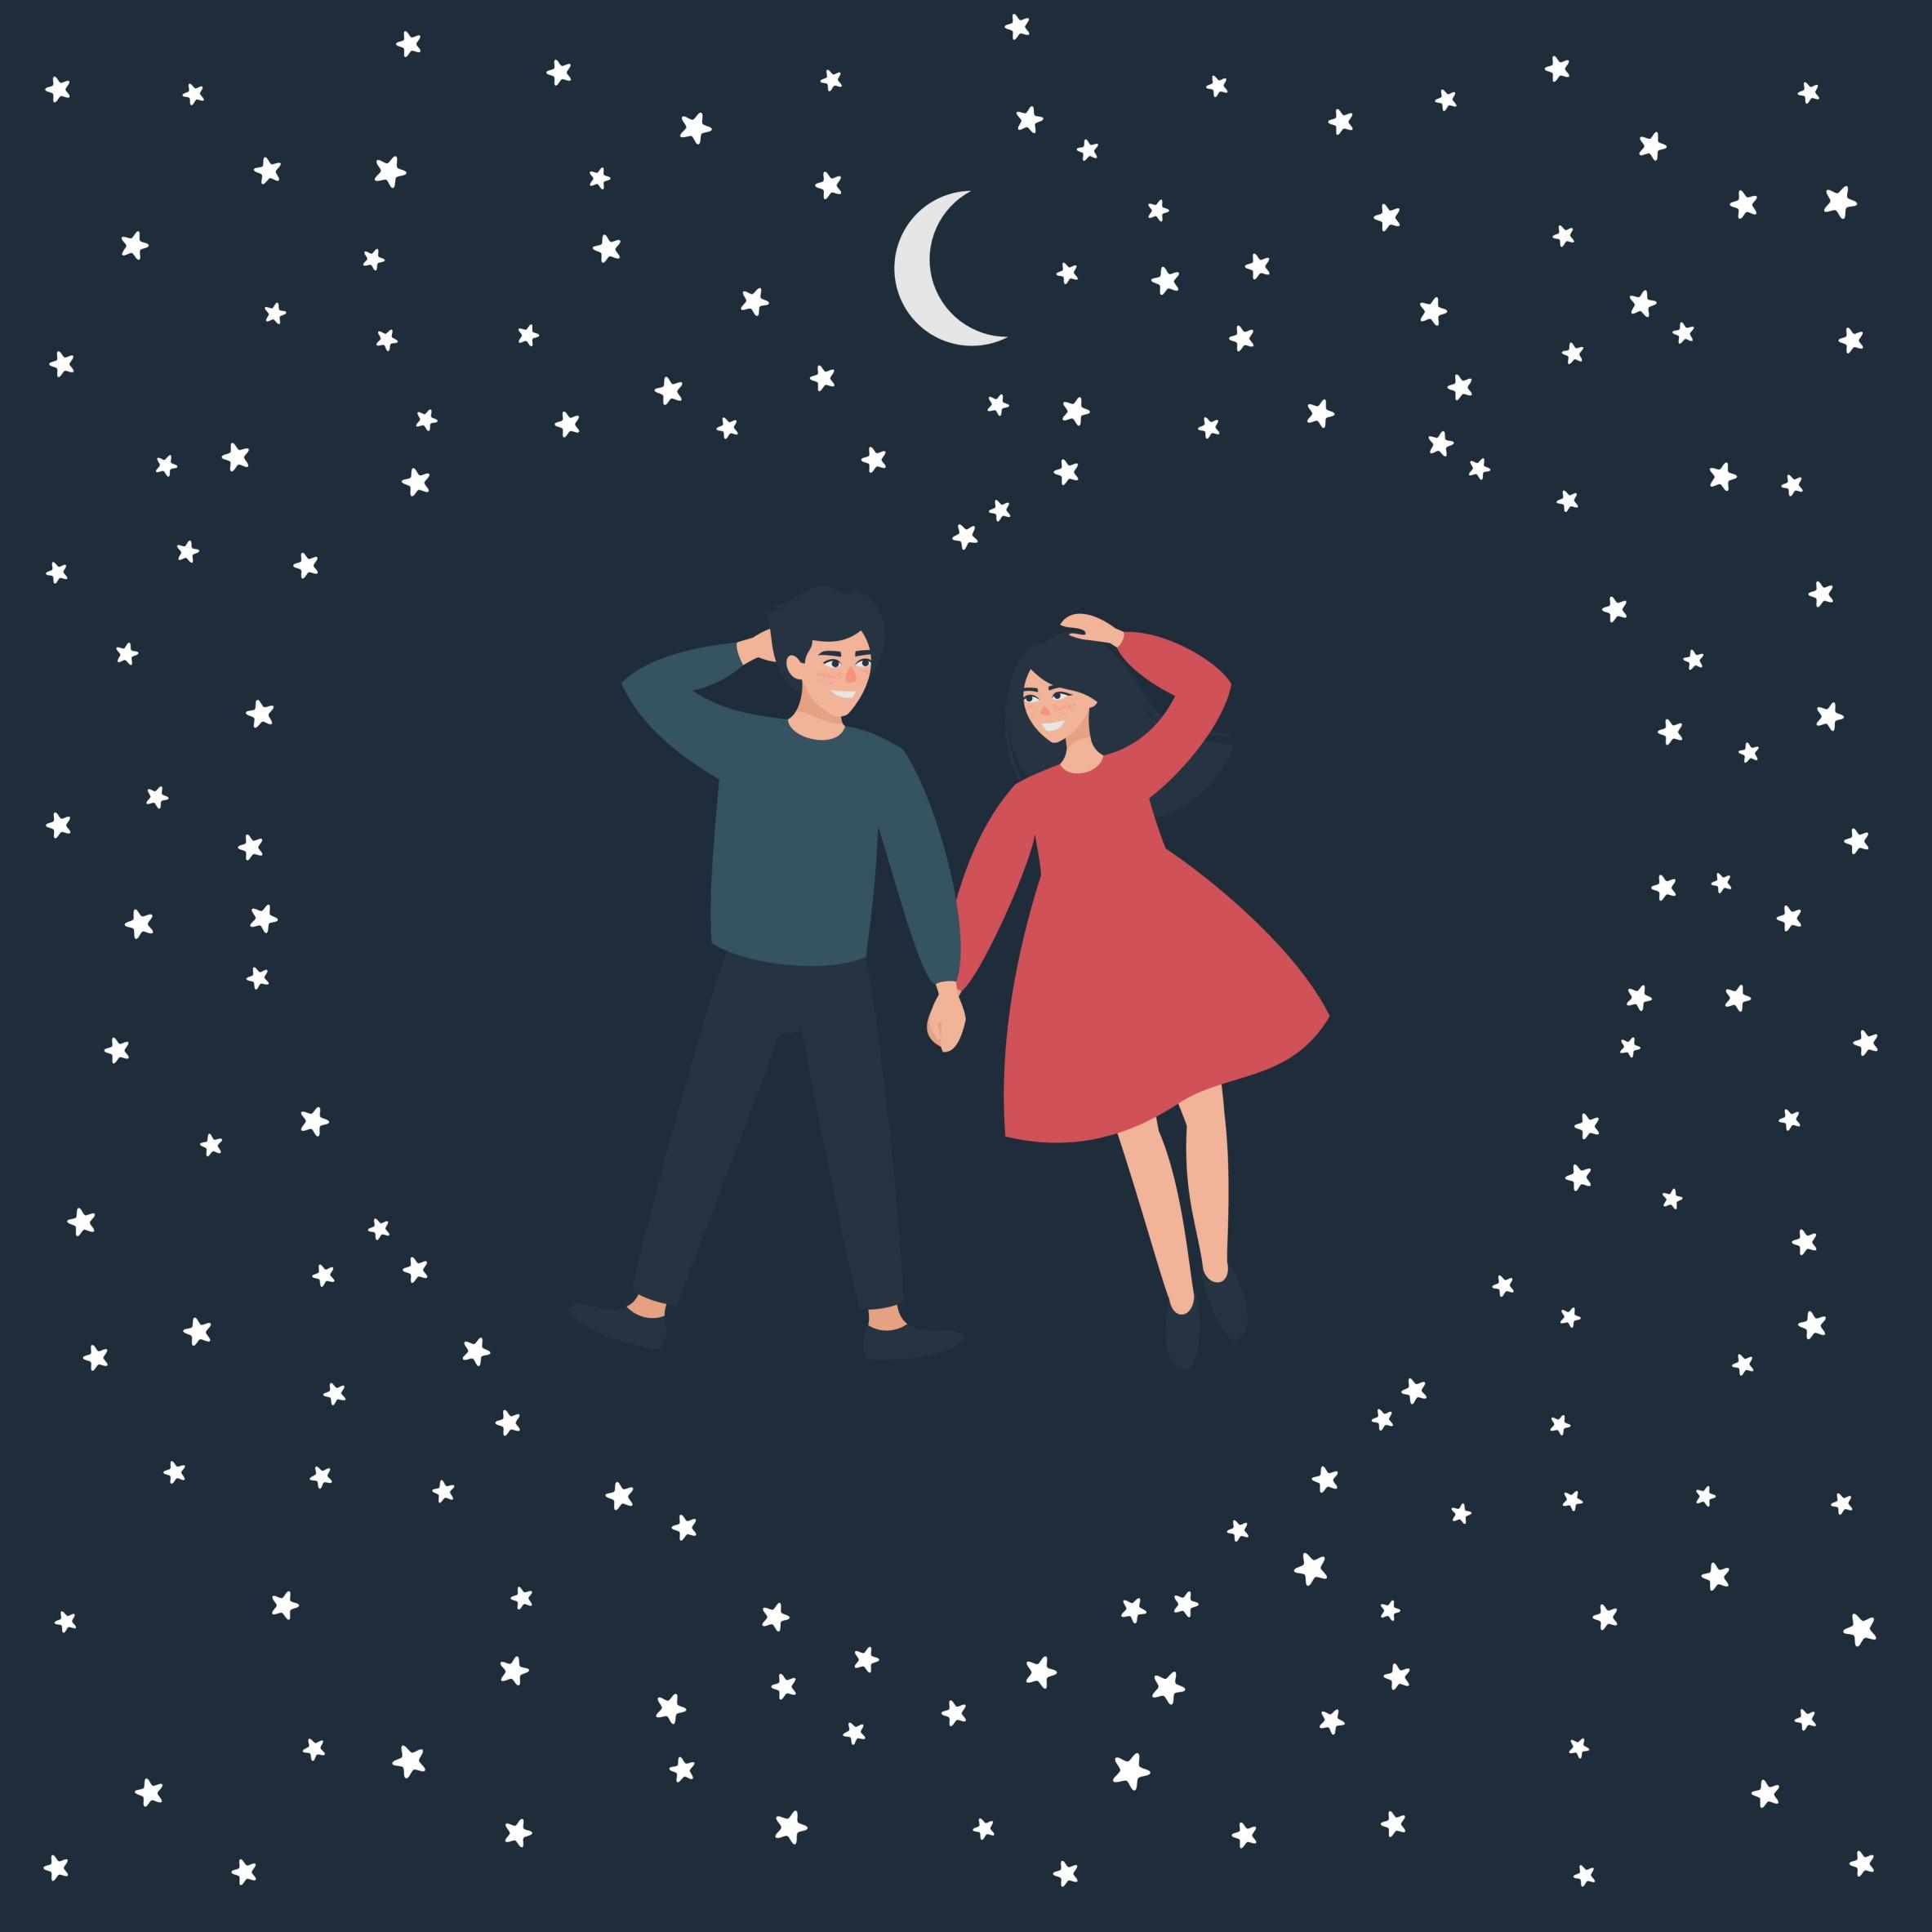 kochankowie na tle gwiazd, dziewczyna, chłopak, miłość